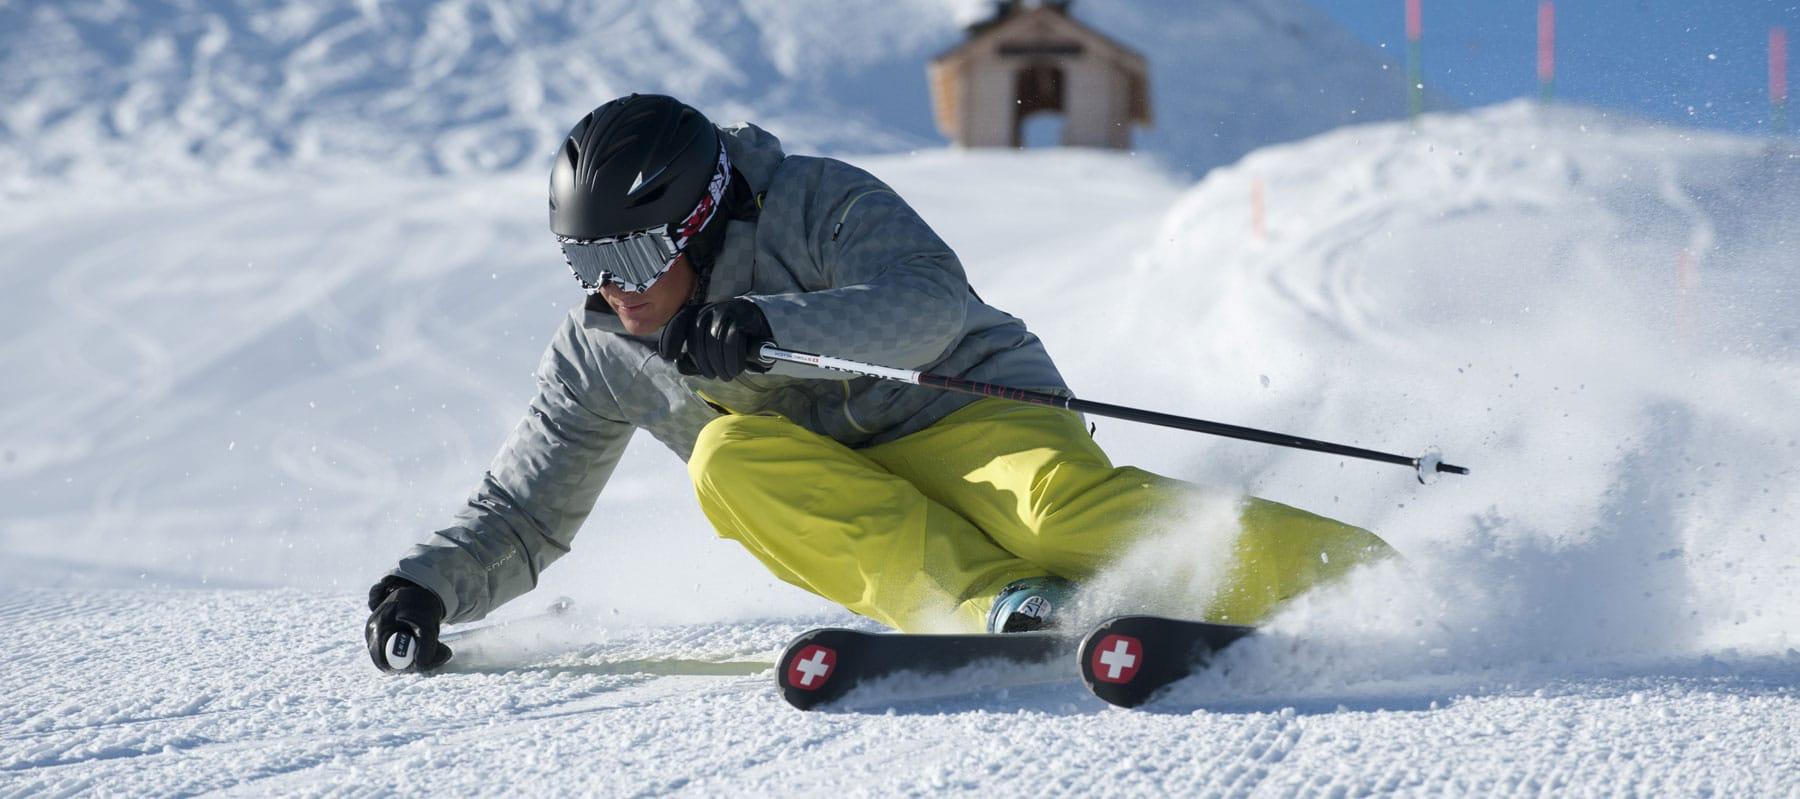 Servizio sci e snowboard in val gardena